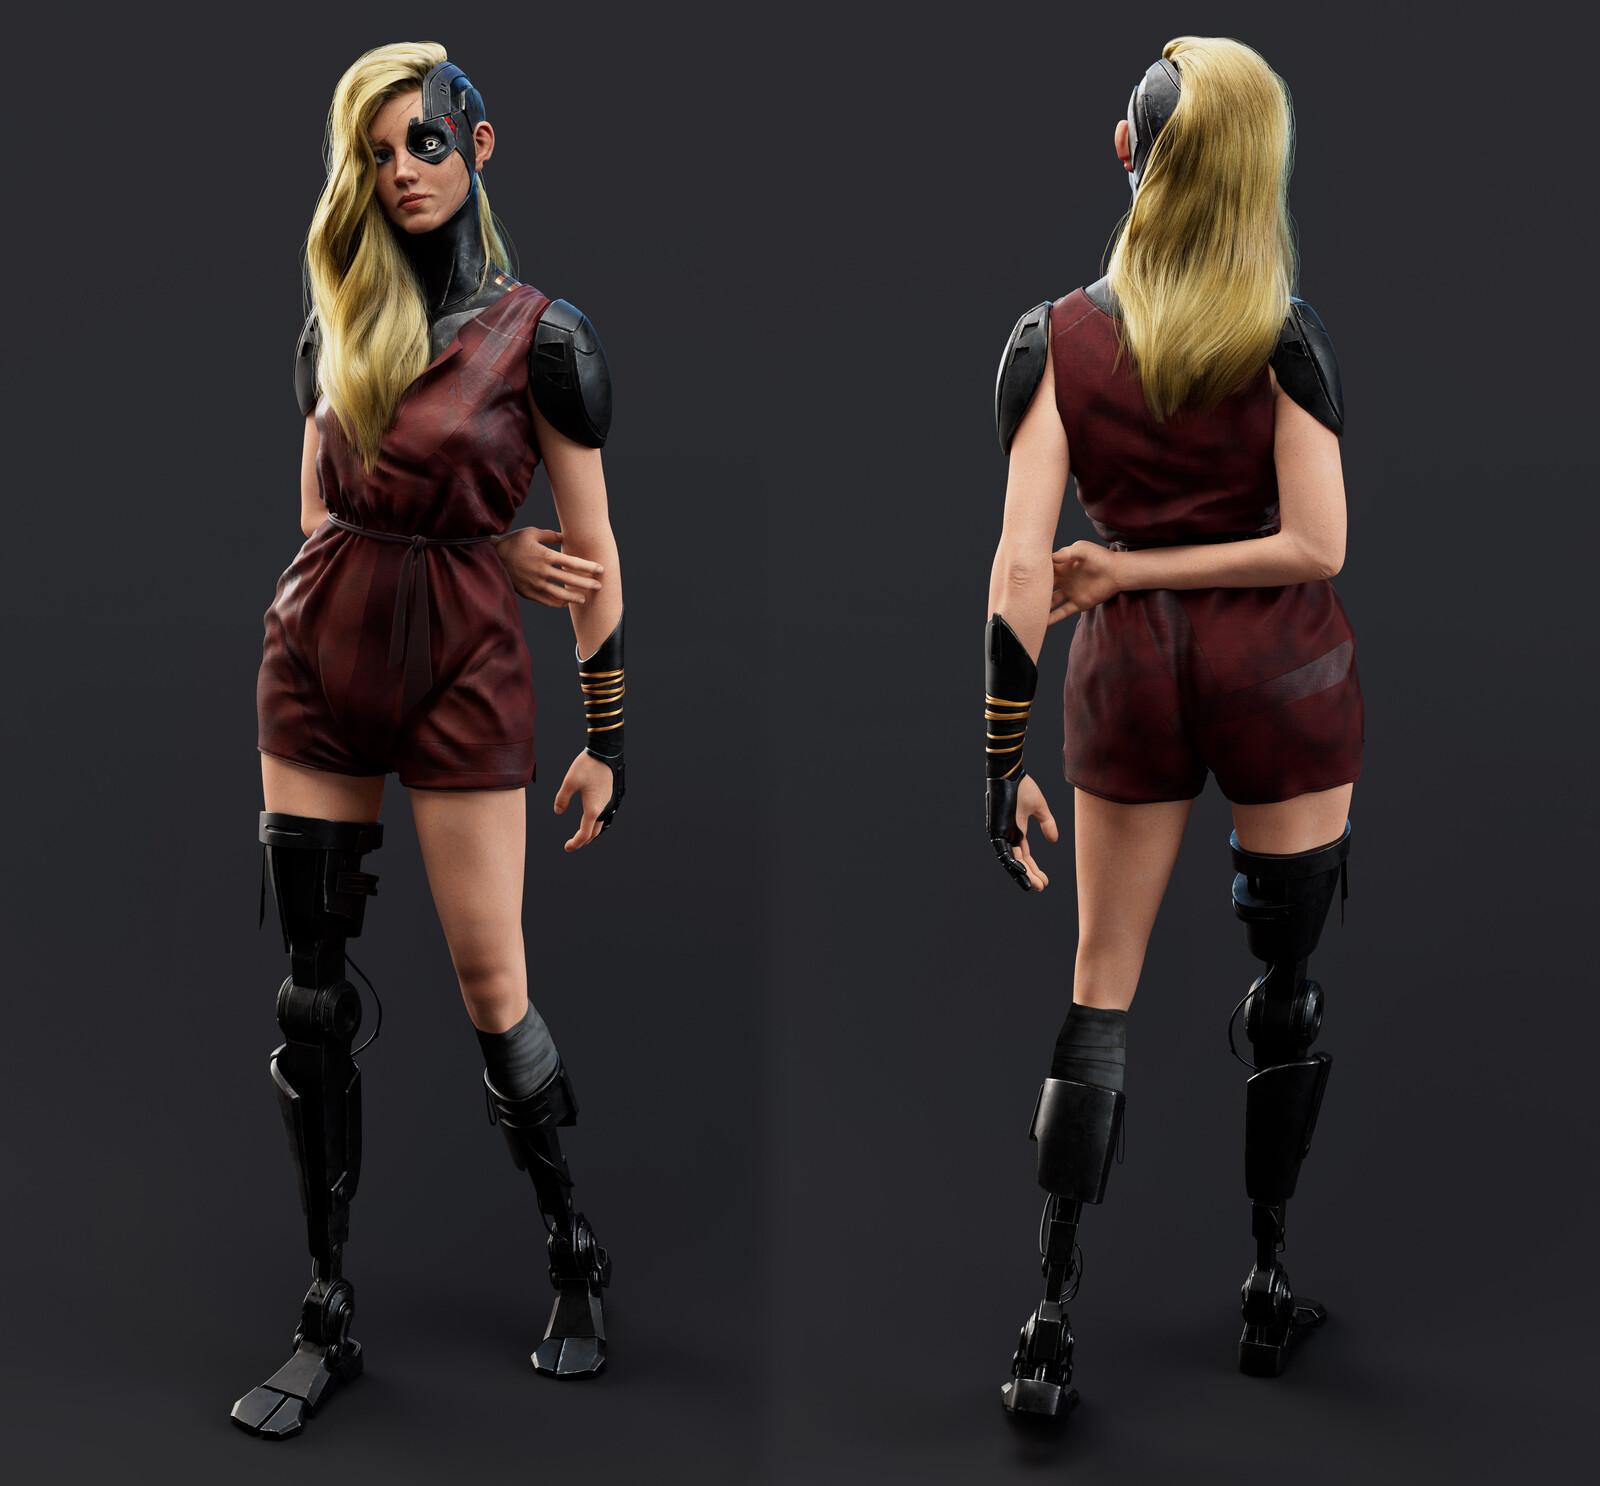 CyborgGirl